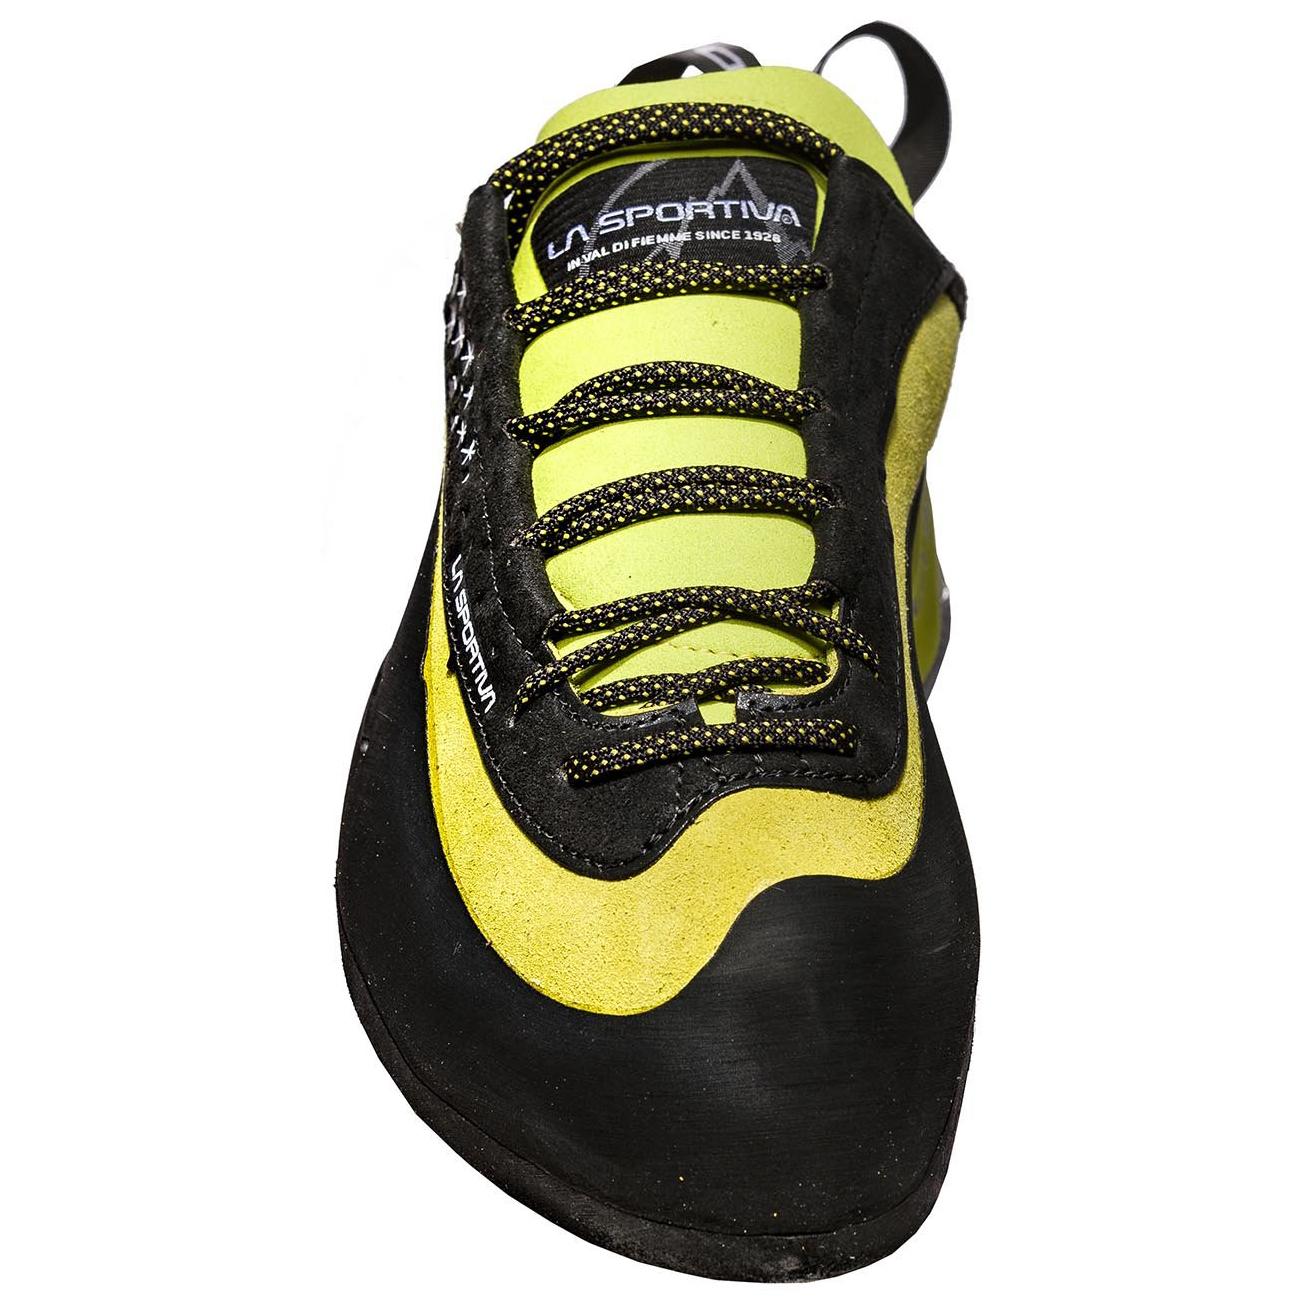 La Sportiva - Miura - Scarpette da arrampicata - Lime | 34,5 (EU)